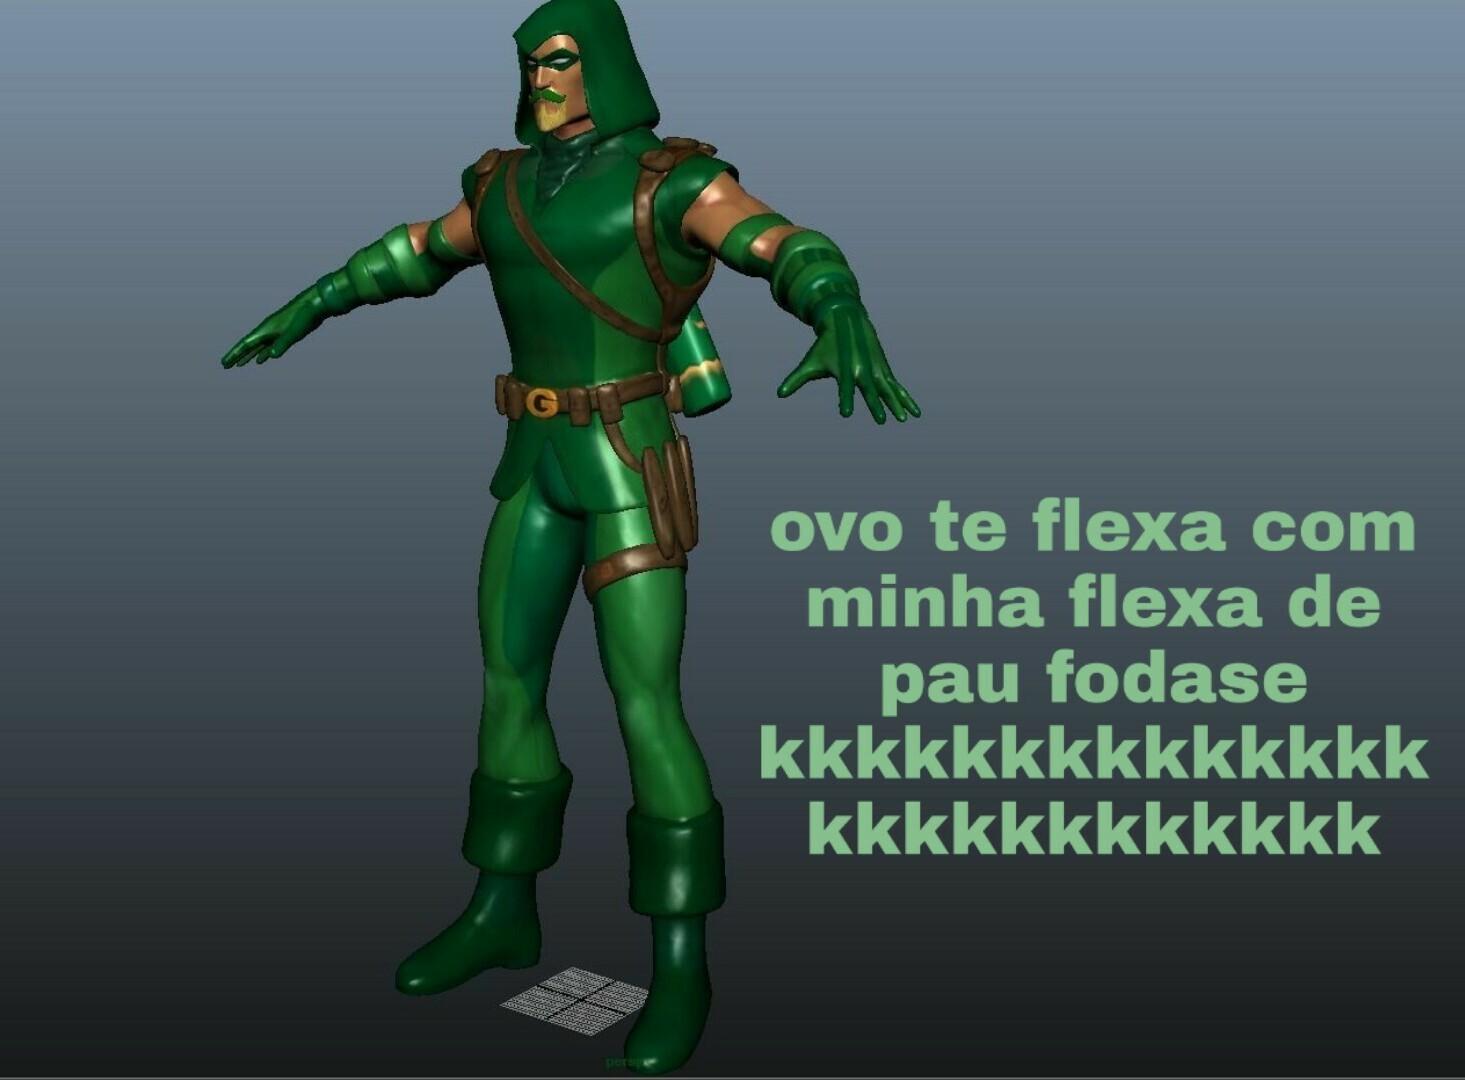 Arqueiro Verde gay fds - meme